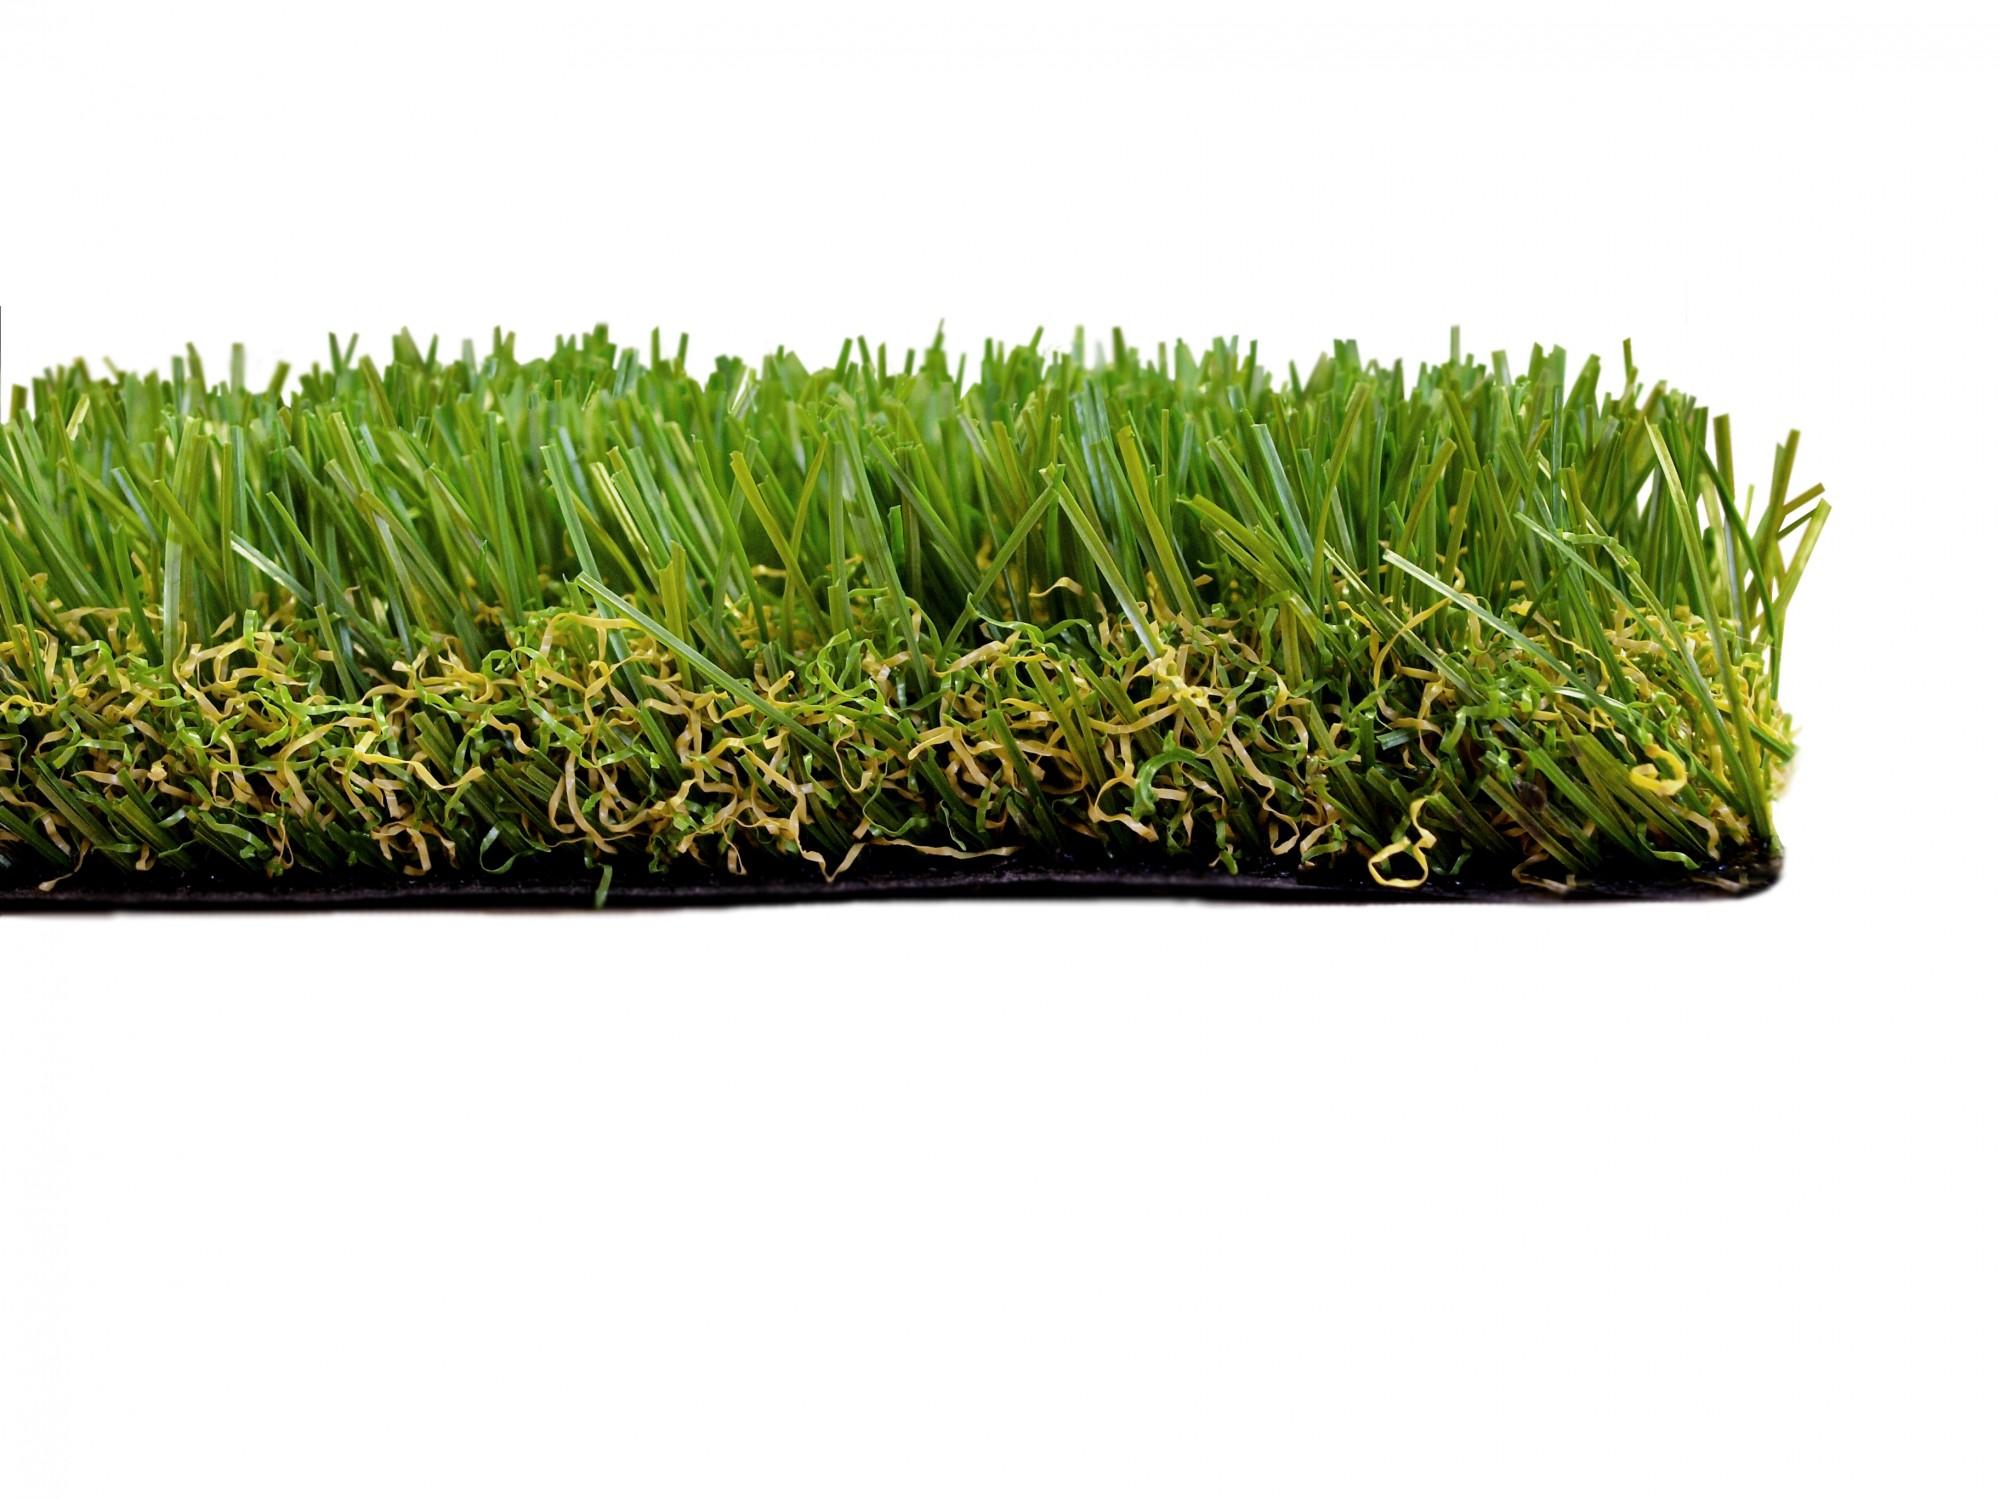 Comment poser et entretenir une pelouse synth tique univers gazons - Comment poser un gazon synthetique ...